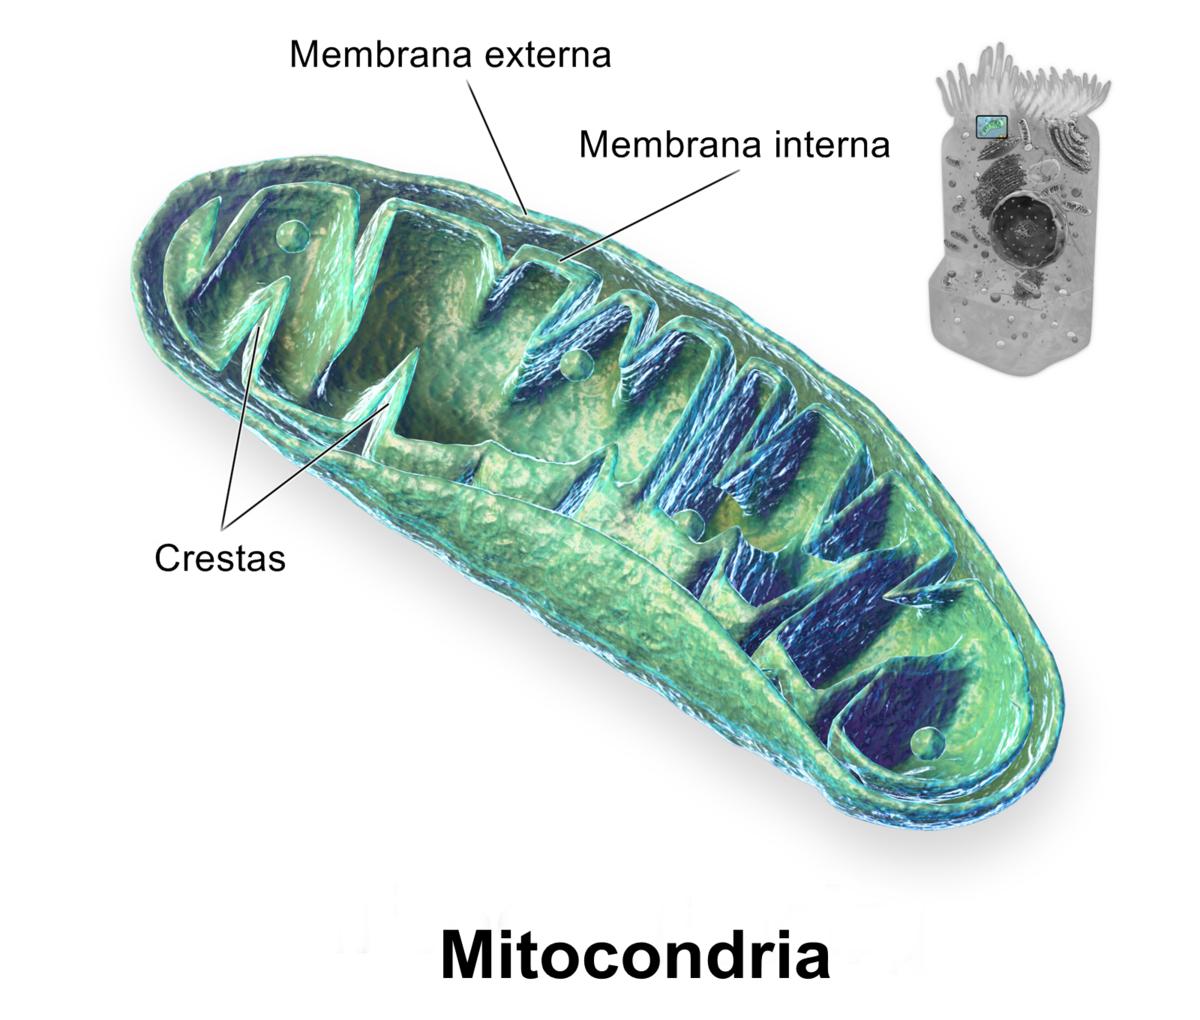 Organismos sin mitocondria  Wikipedia  la enciclopedia libre